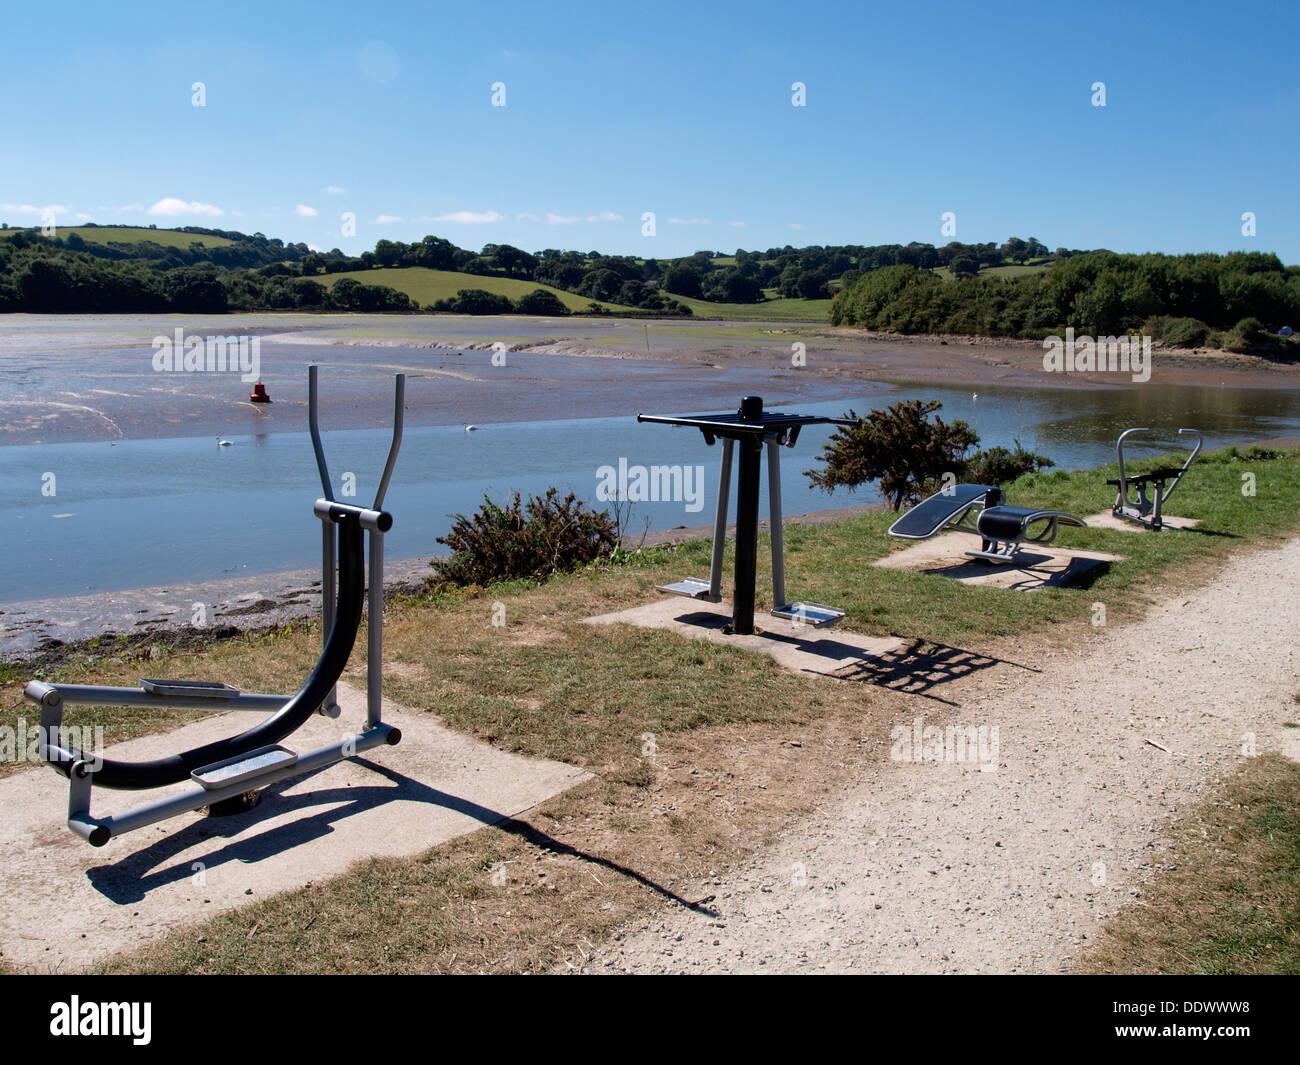 Equipamiento de ejercicio a lo largo del estuario de la FAL, Truro, Cornwall, Reino Unido Imagen De Stock